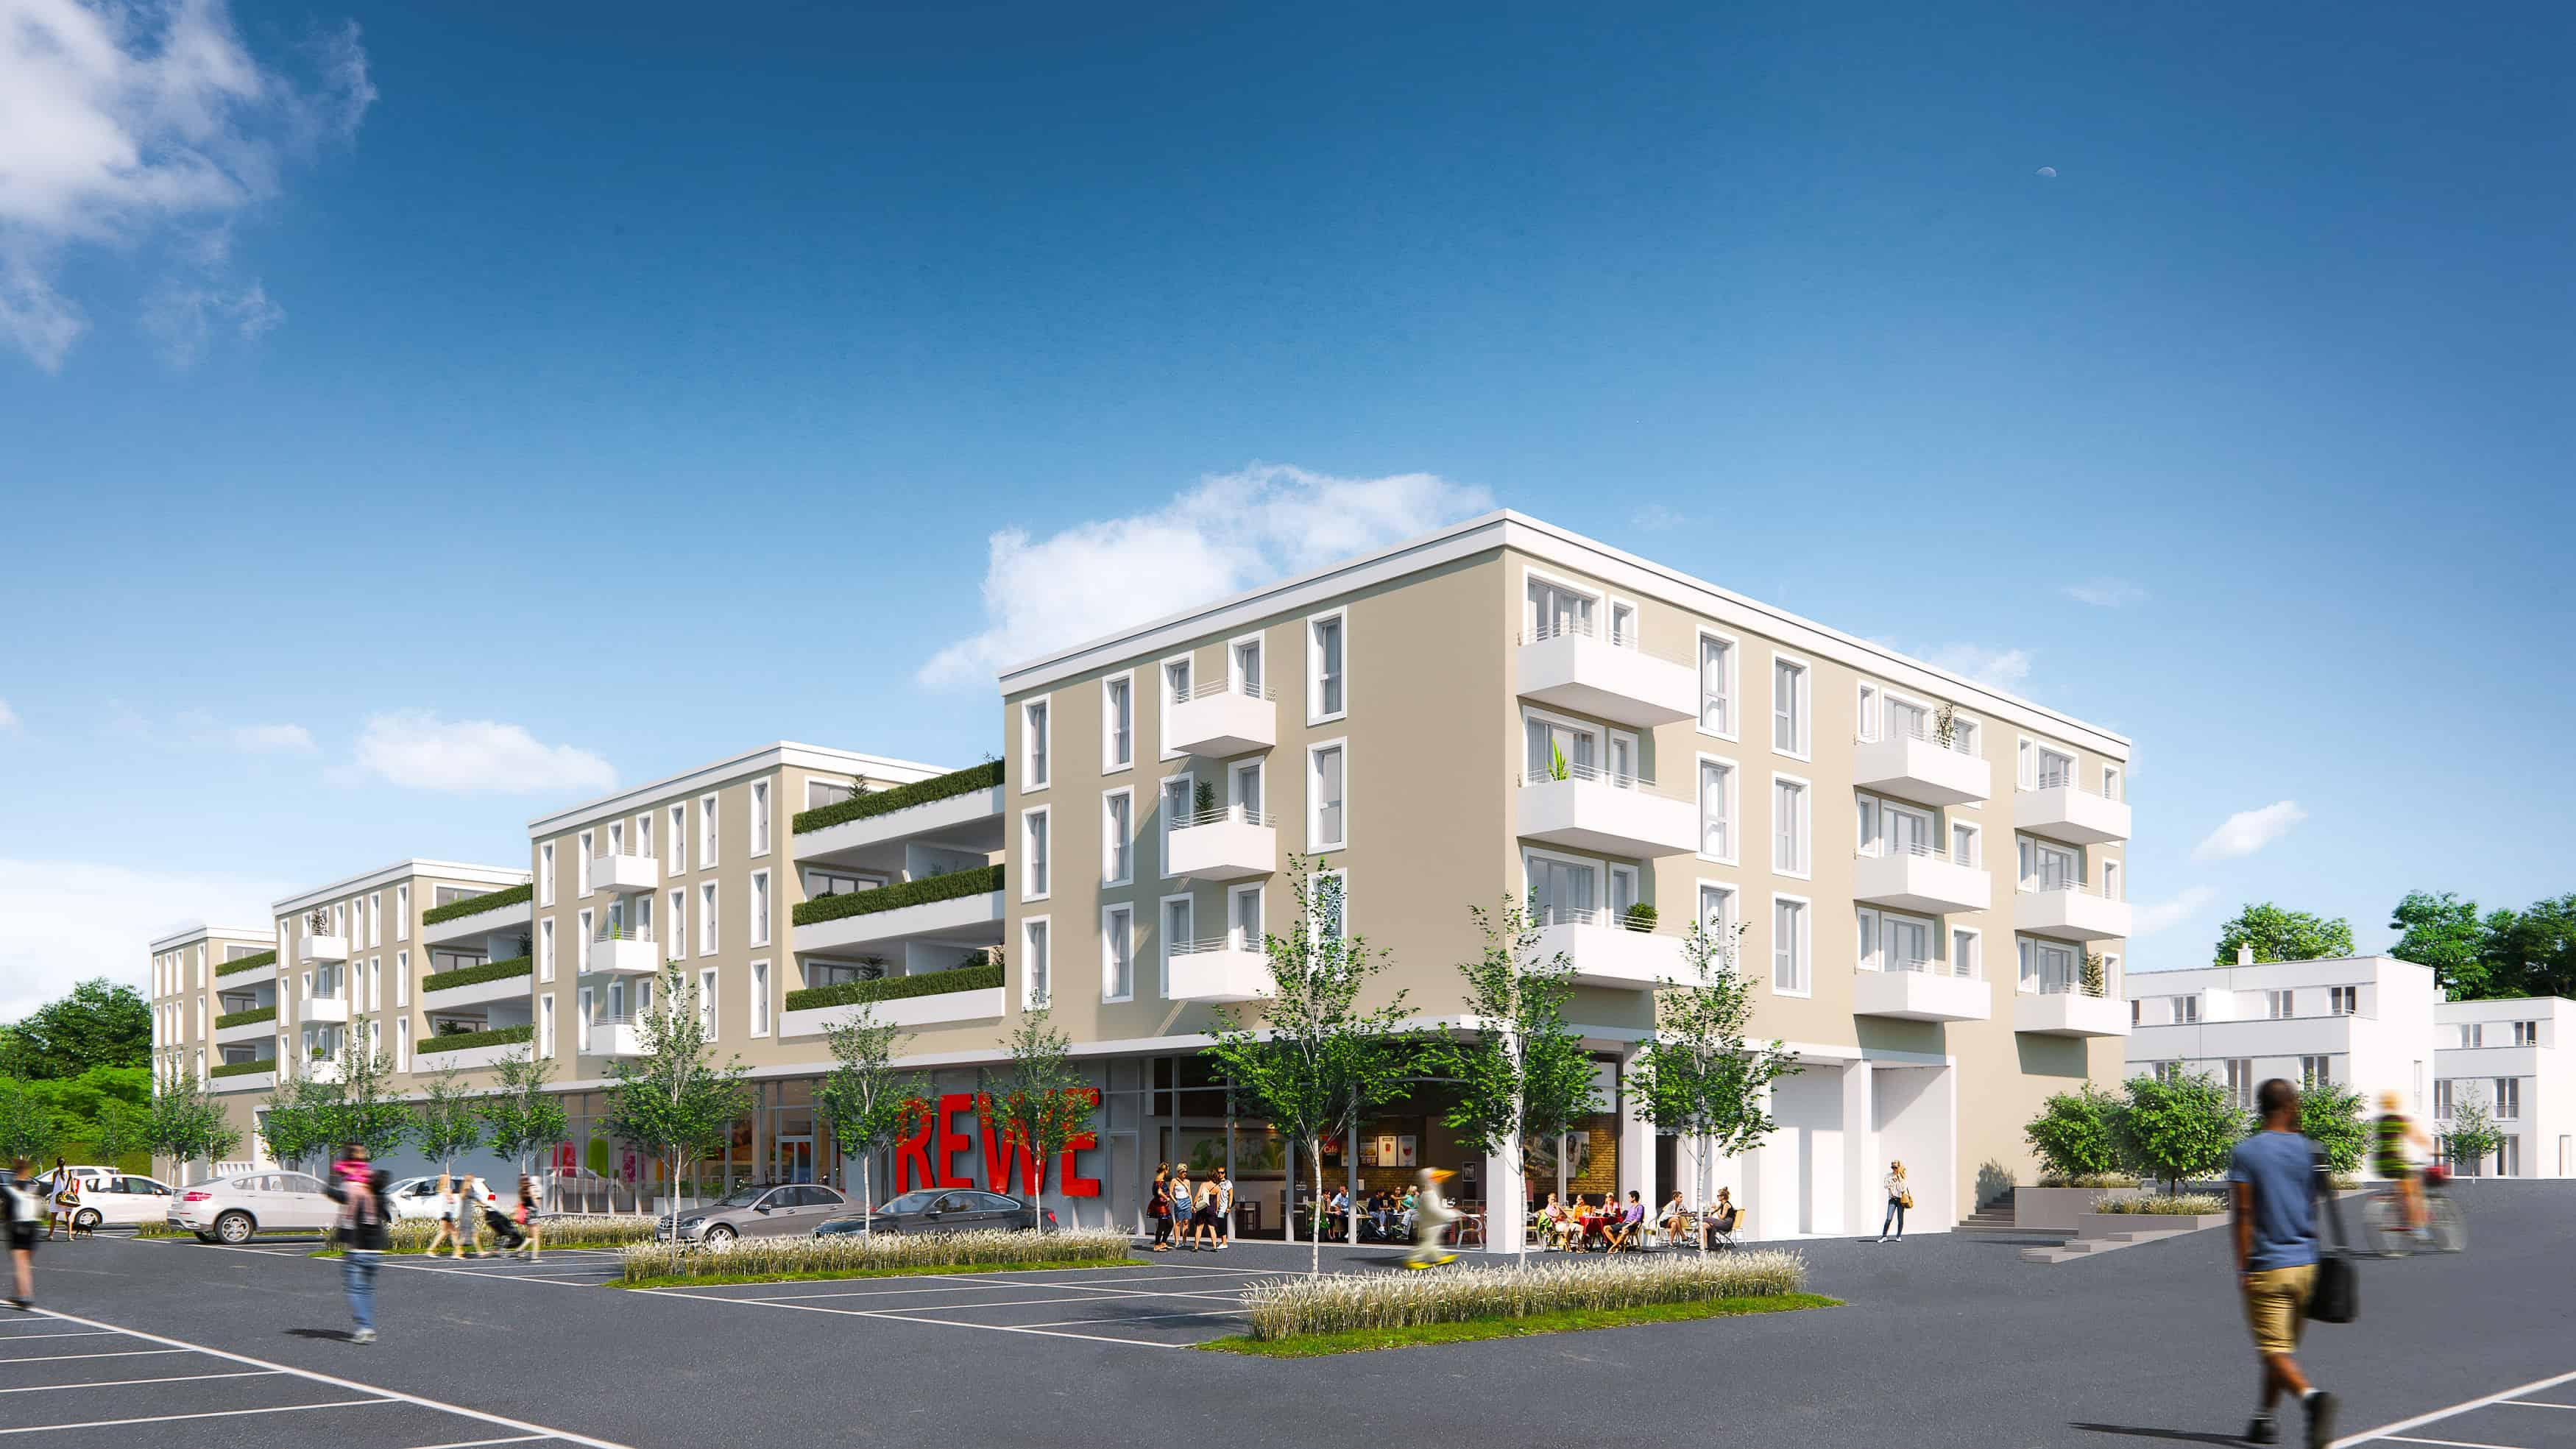 Immobilien Zentrum investiert in Regensburg über 100 Millionen Euro